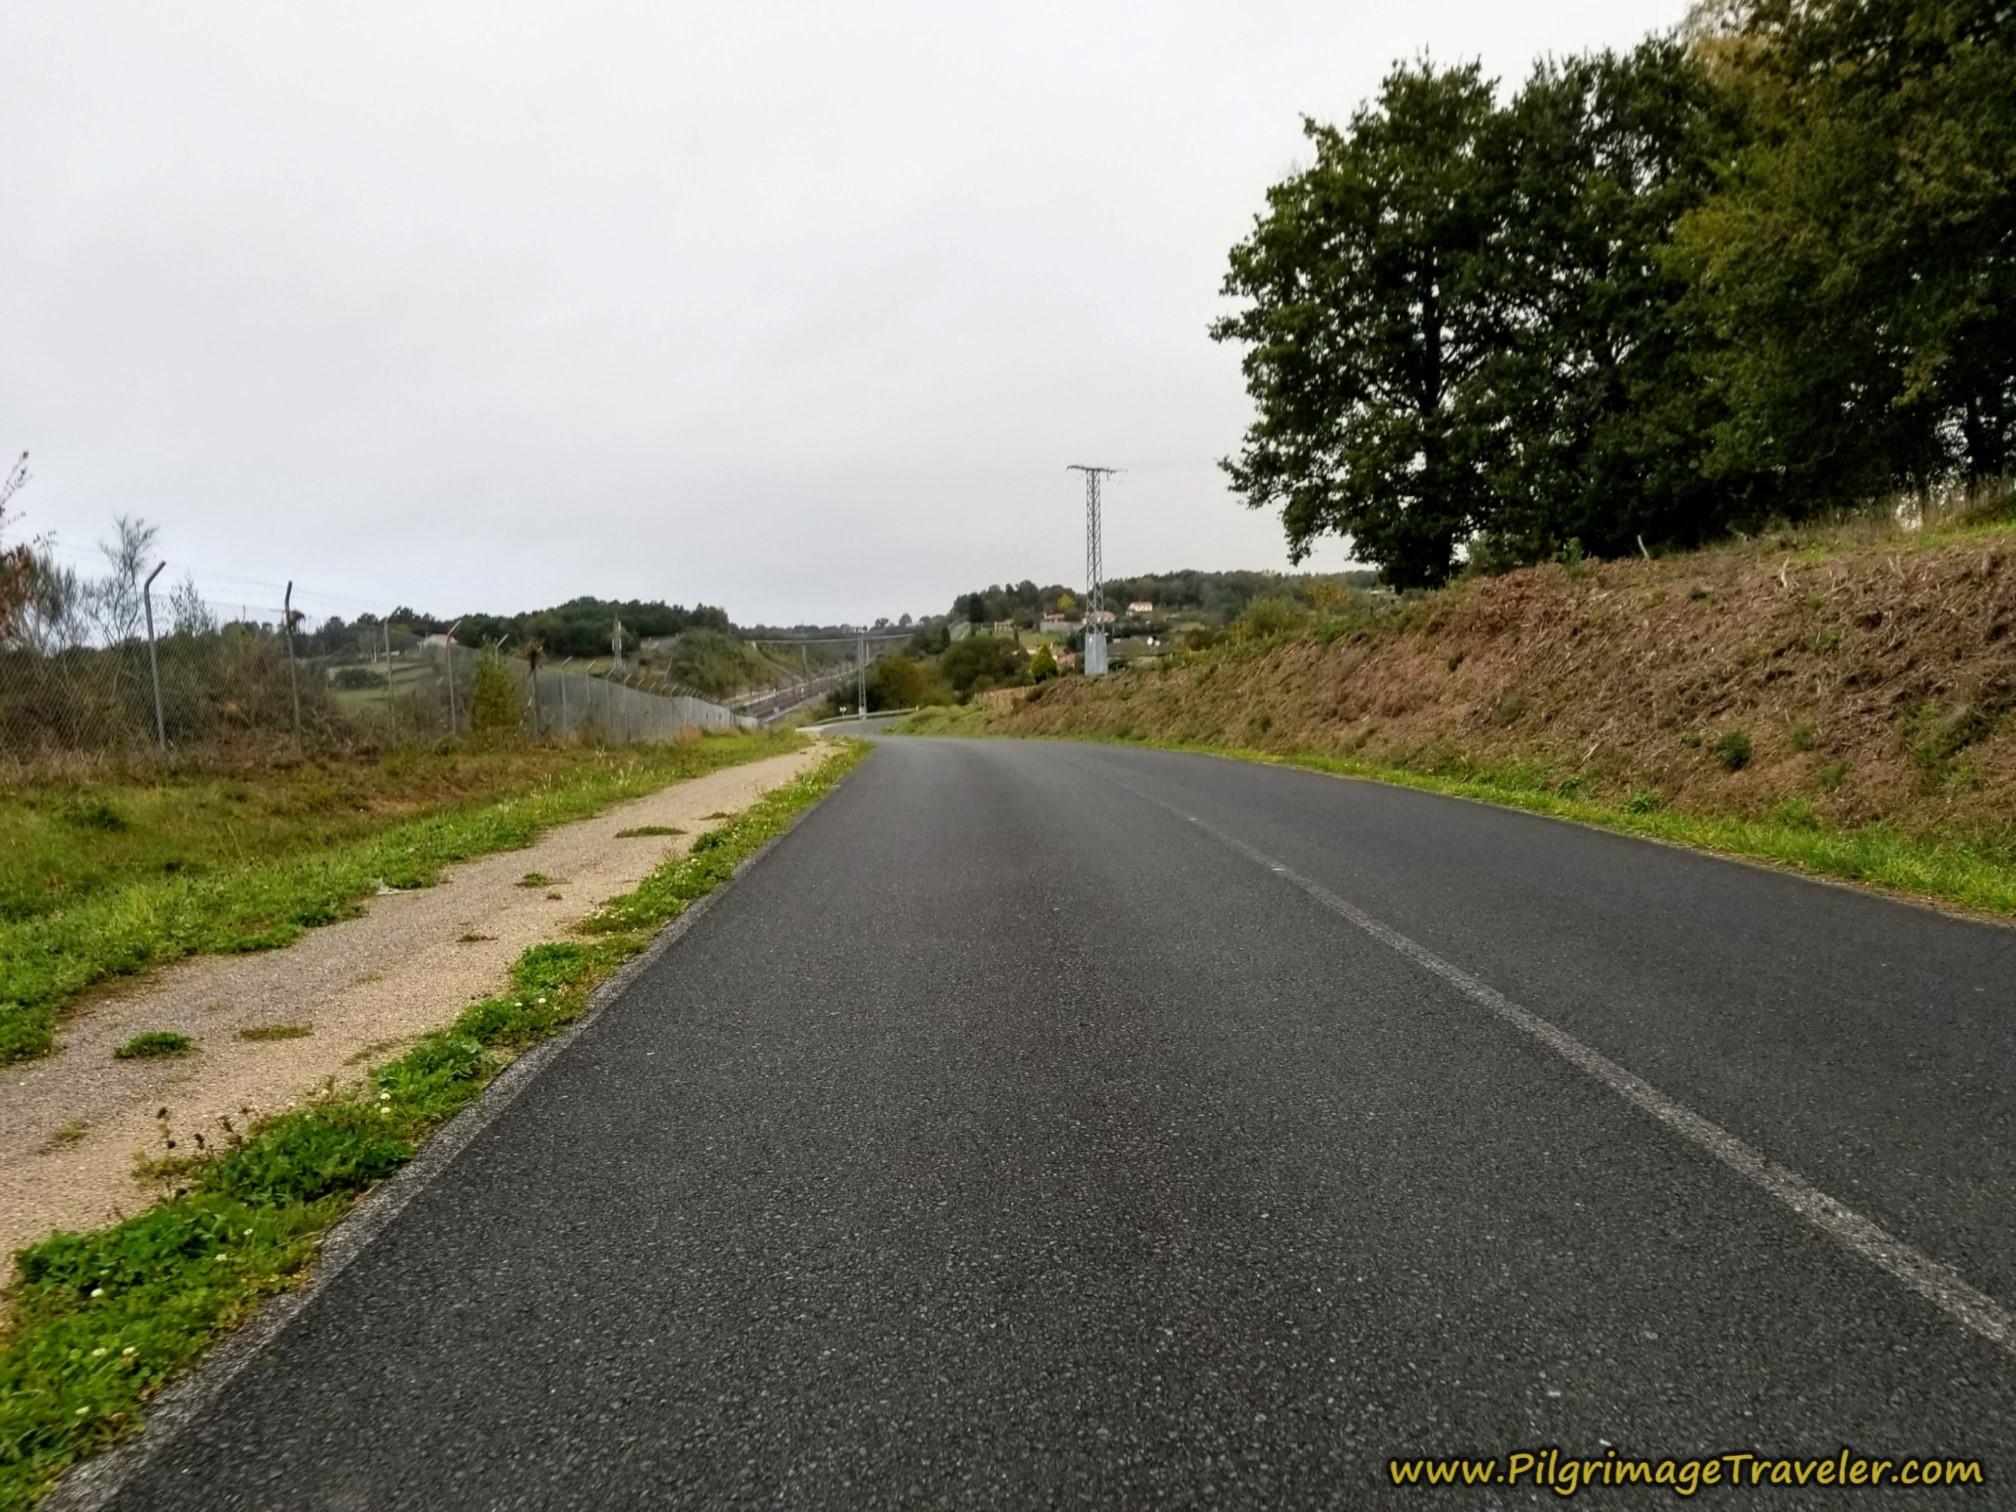 Road Parallels Railroad Tracks